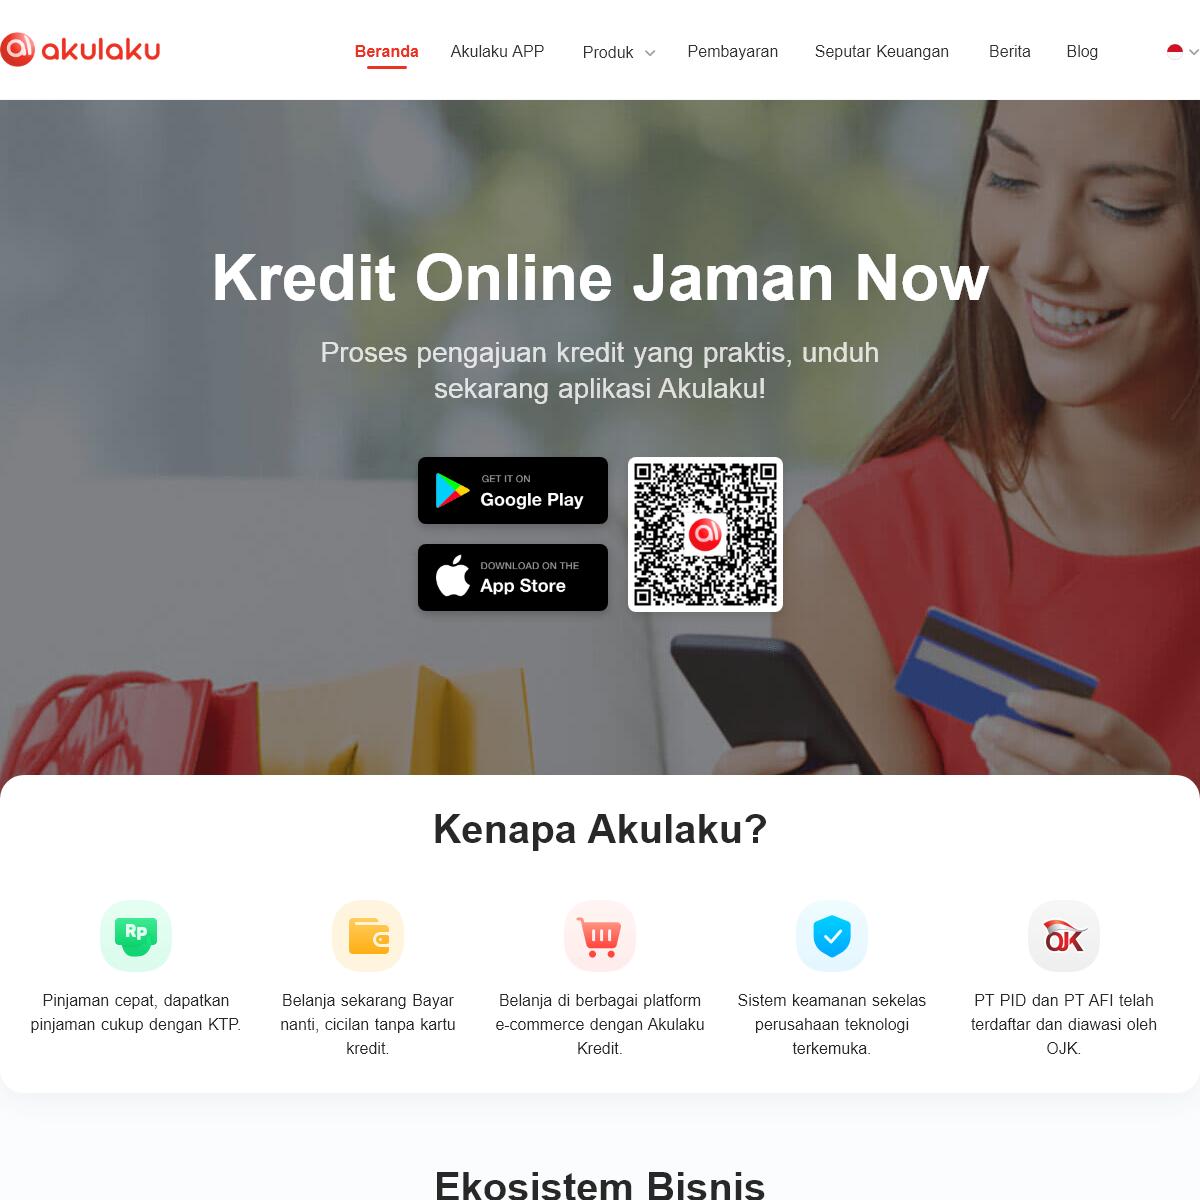 Kredit Online dan Pinjaman Online Jaman now - Akulaku Indonesia